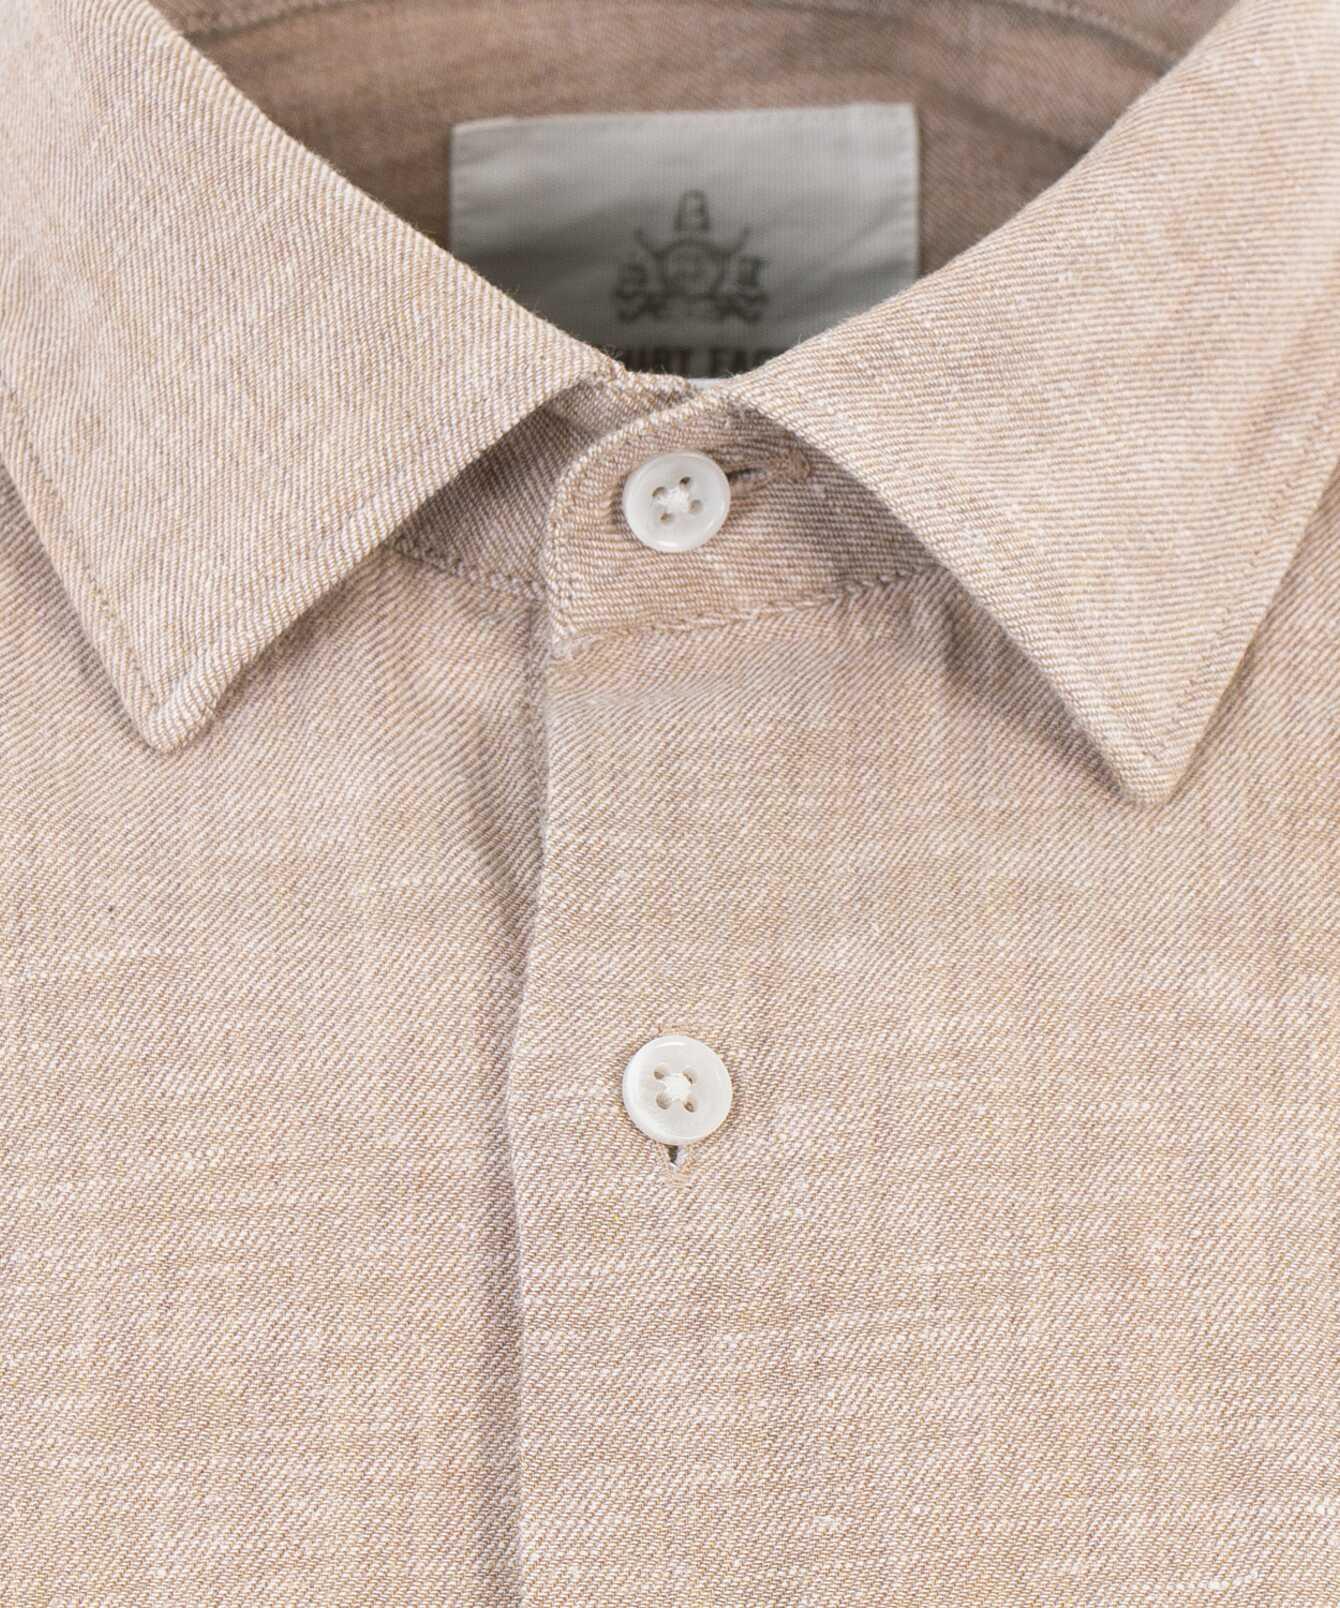 Shirt Webster Beige The Shirt Factory